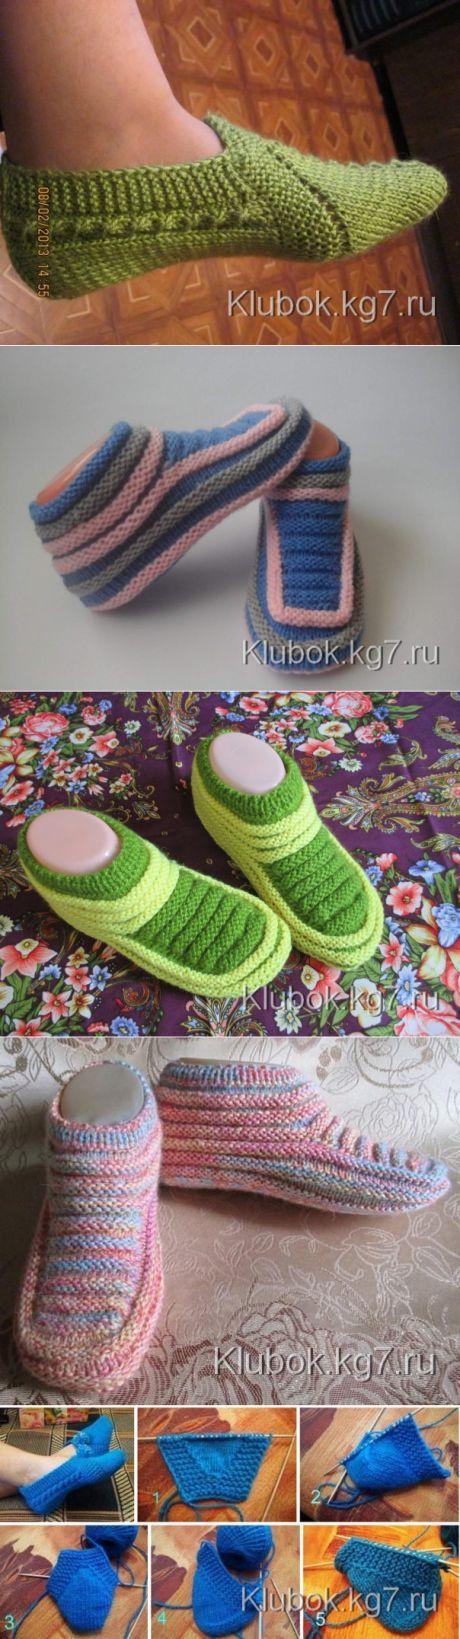 вязание   Stricken, Schuhe und Handarbeiten